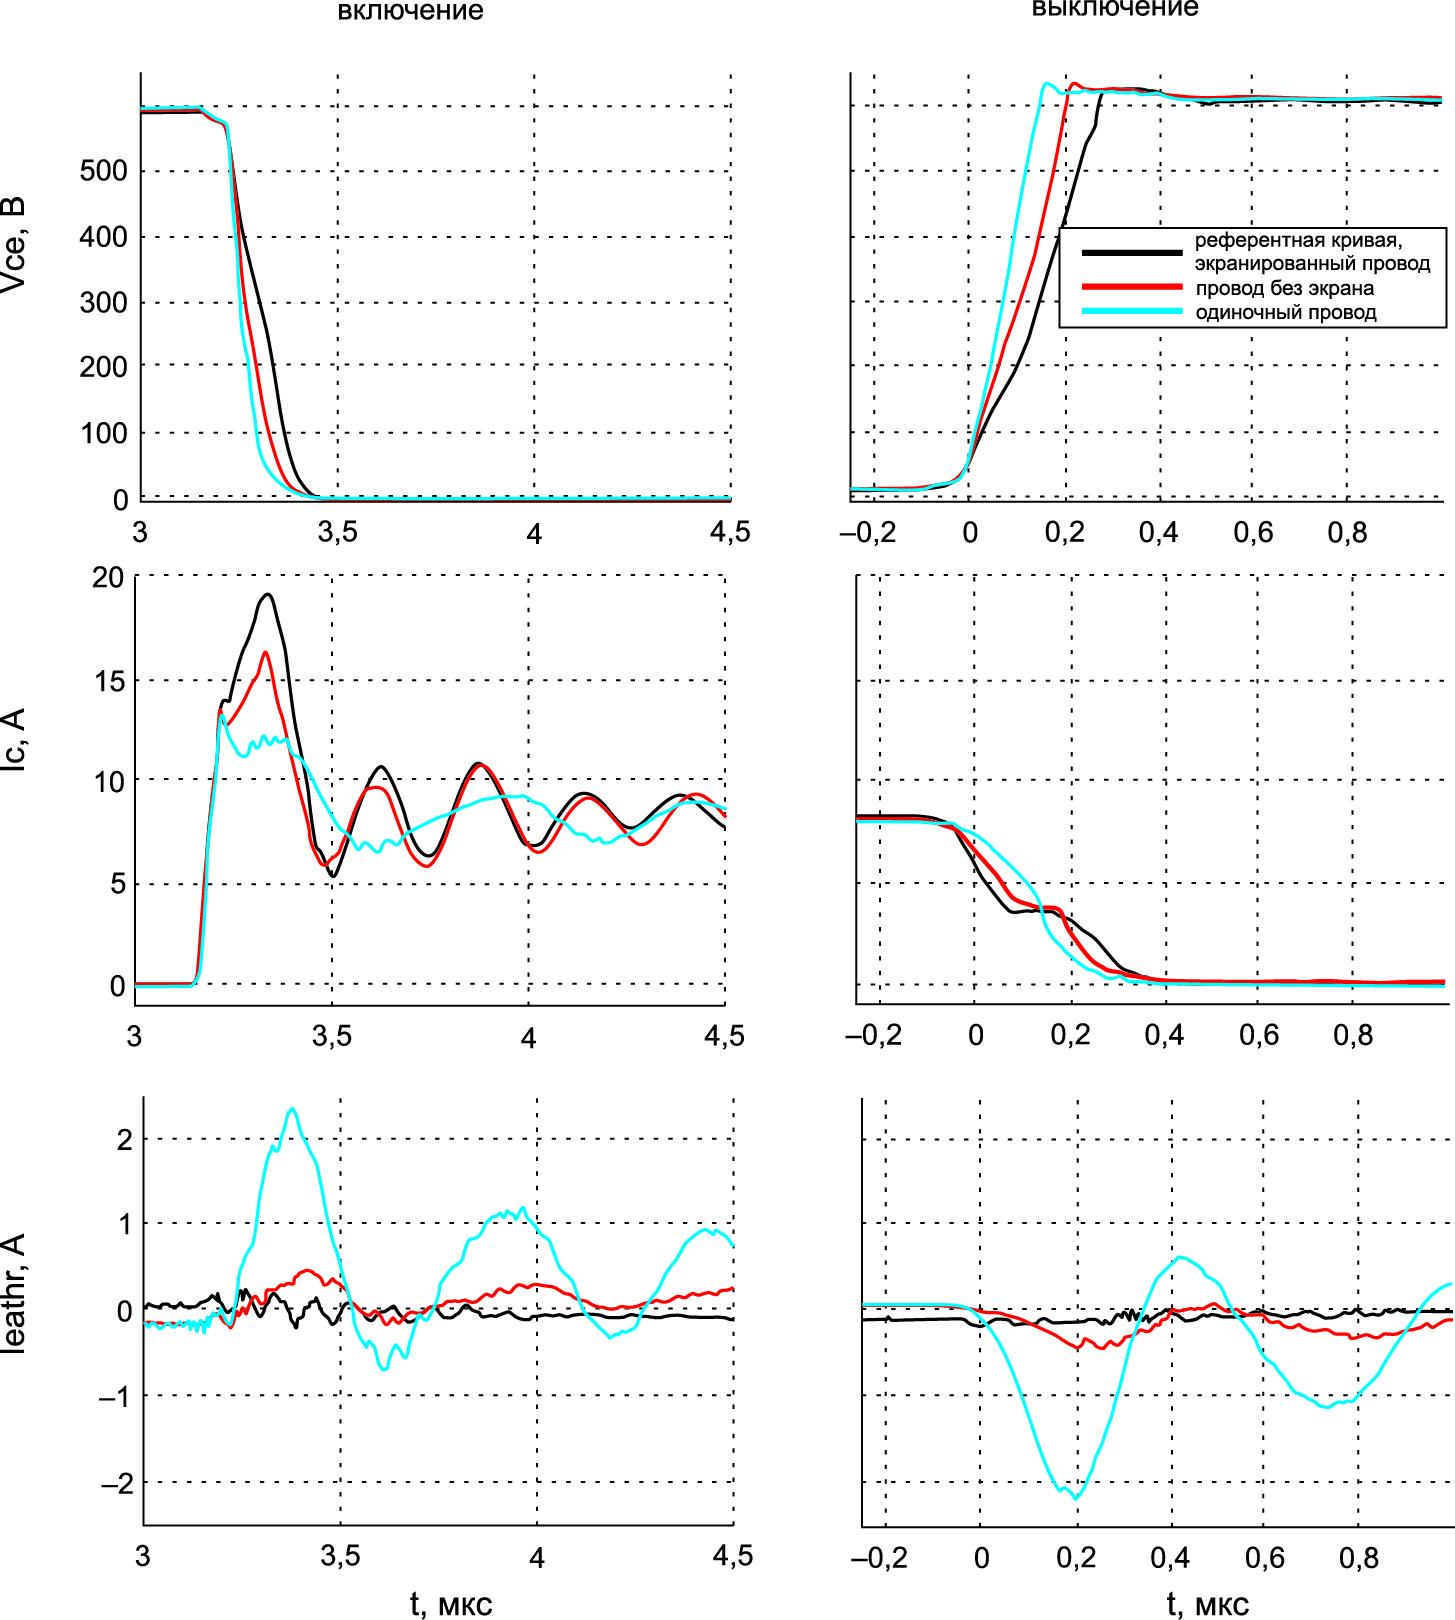 Эпюры сигналов при различном положении кабеля с экраном и без него